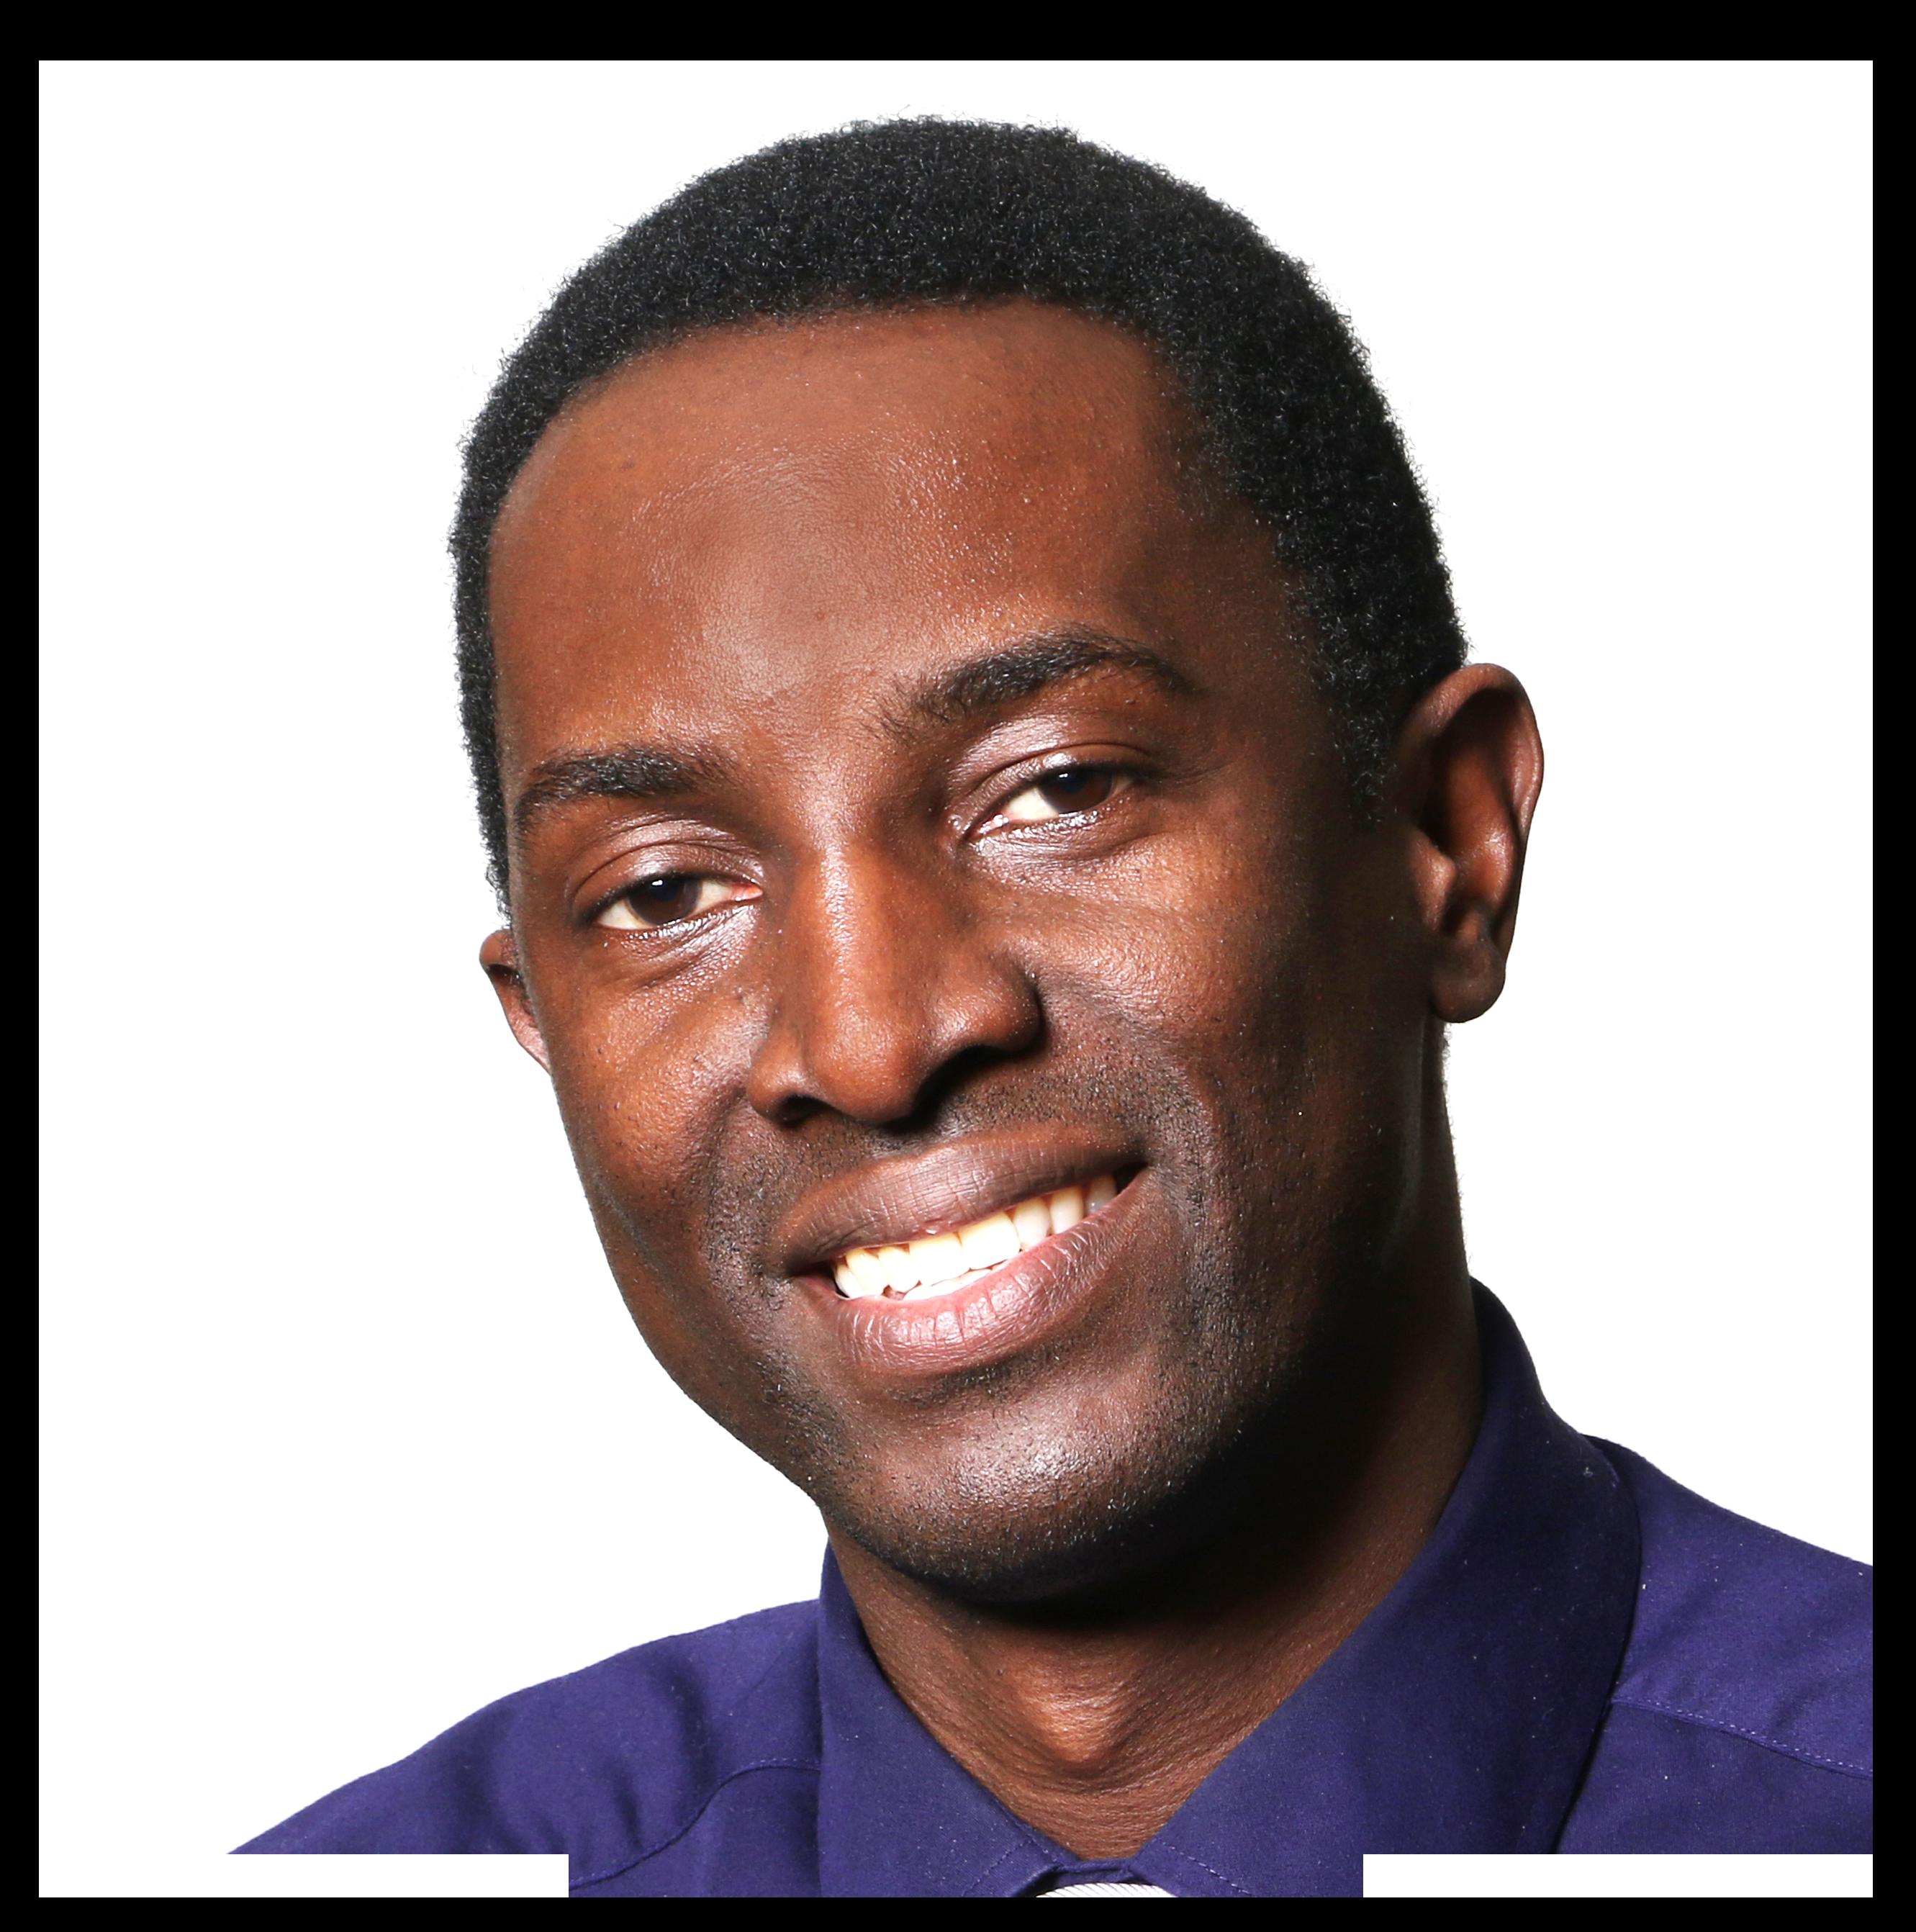 Martin Muyomba